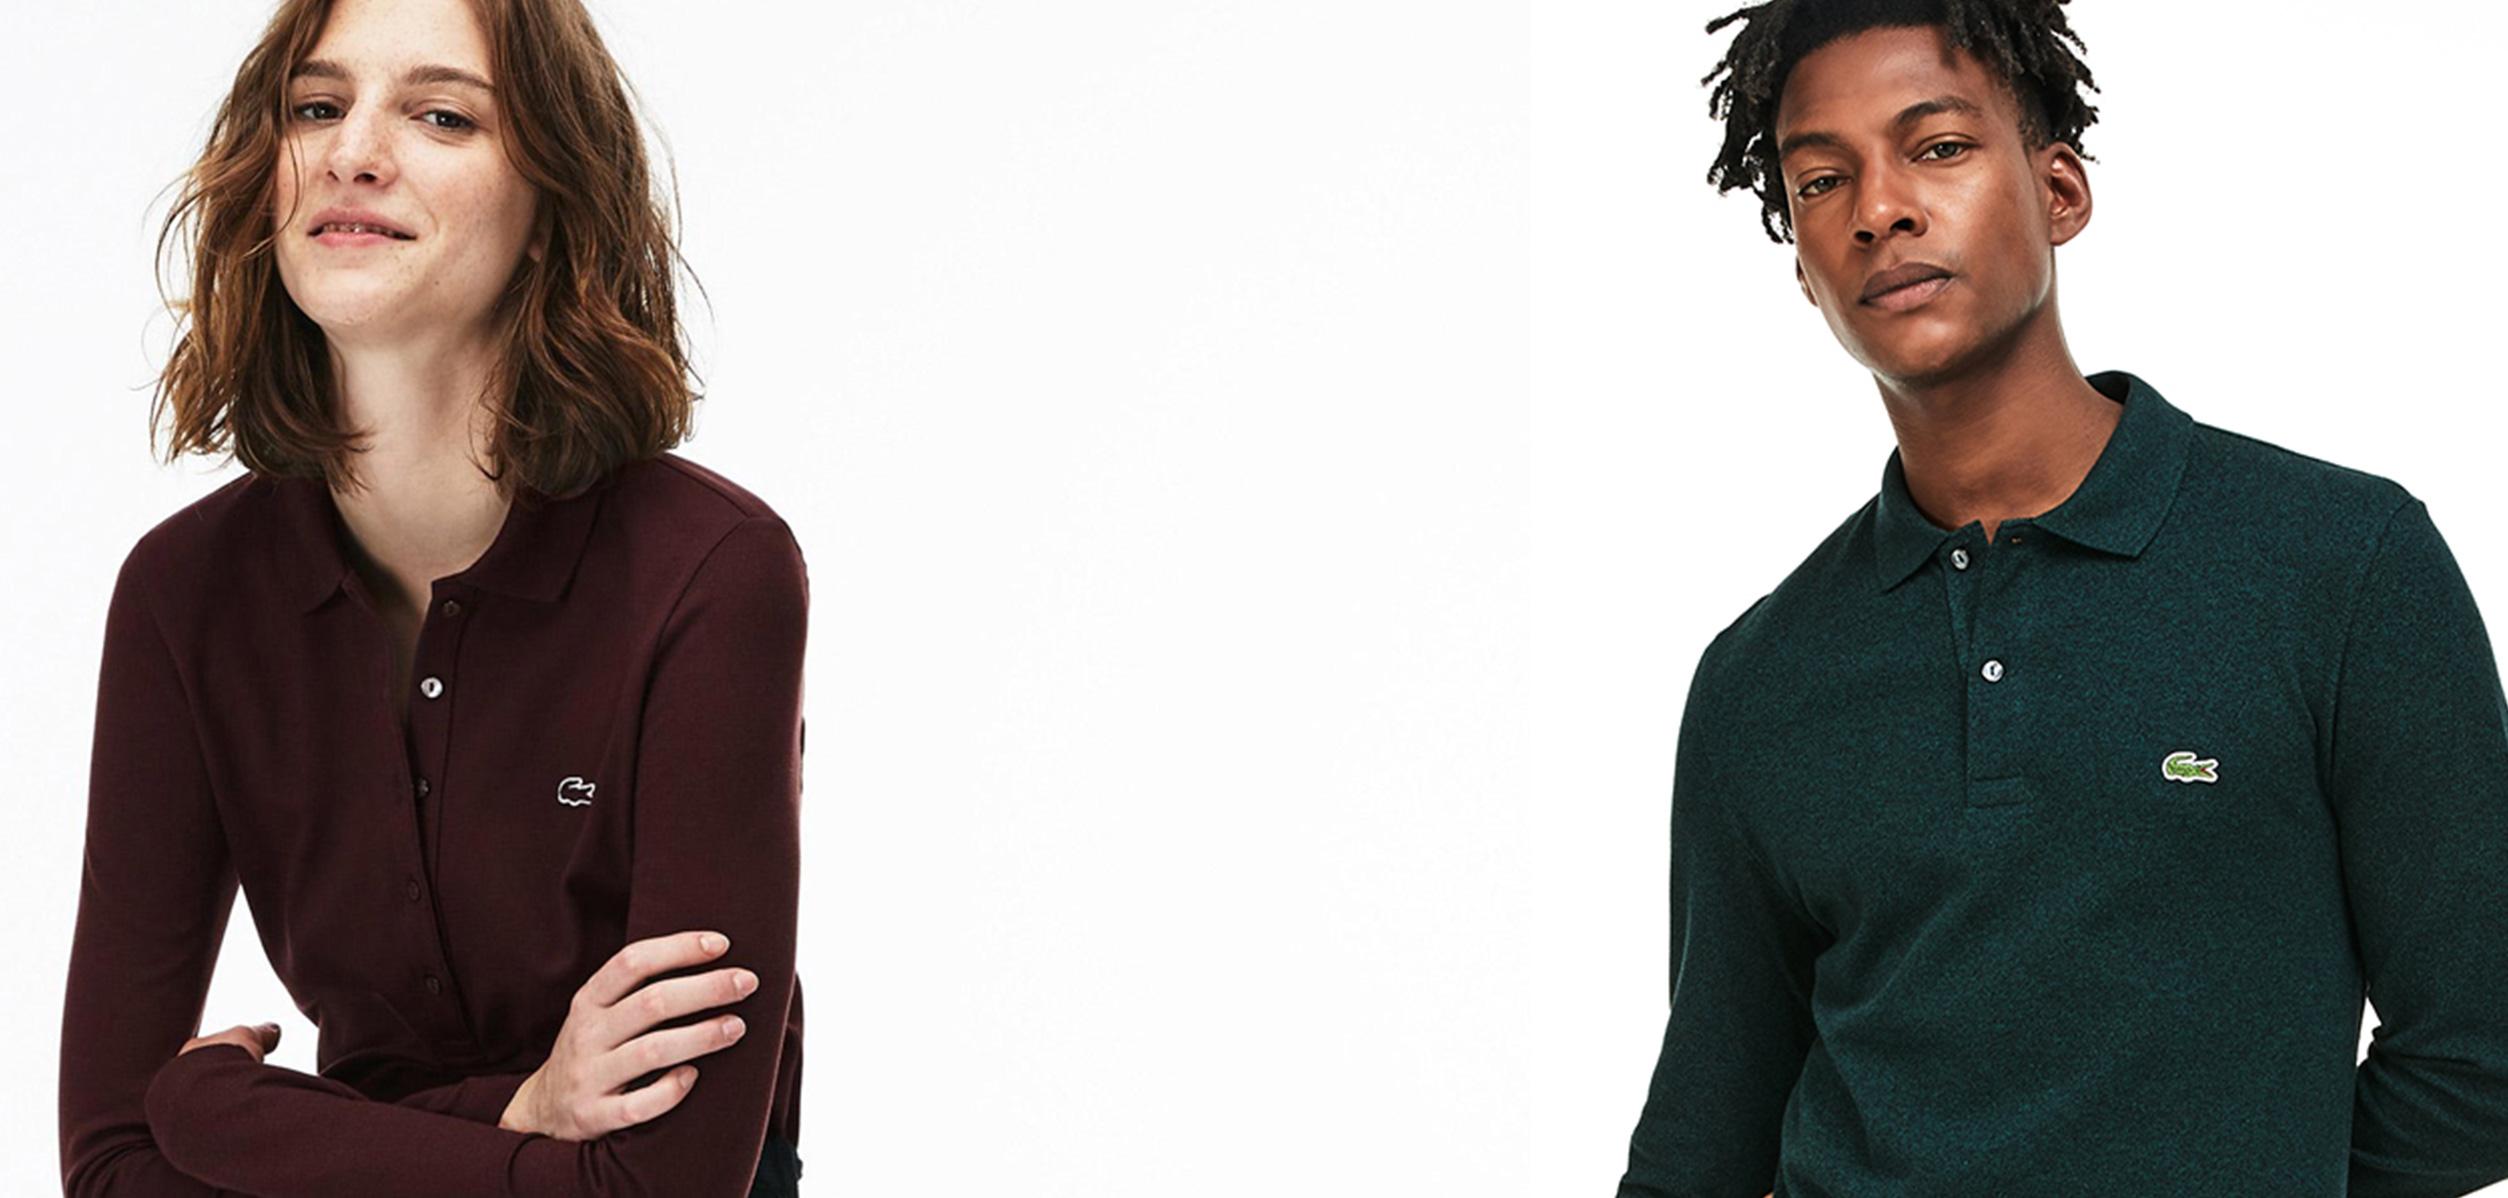 Koszulki Polo tańsze do 30%